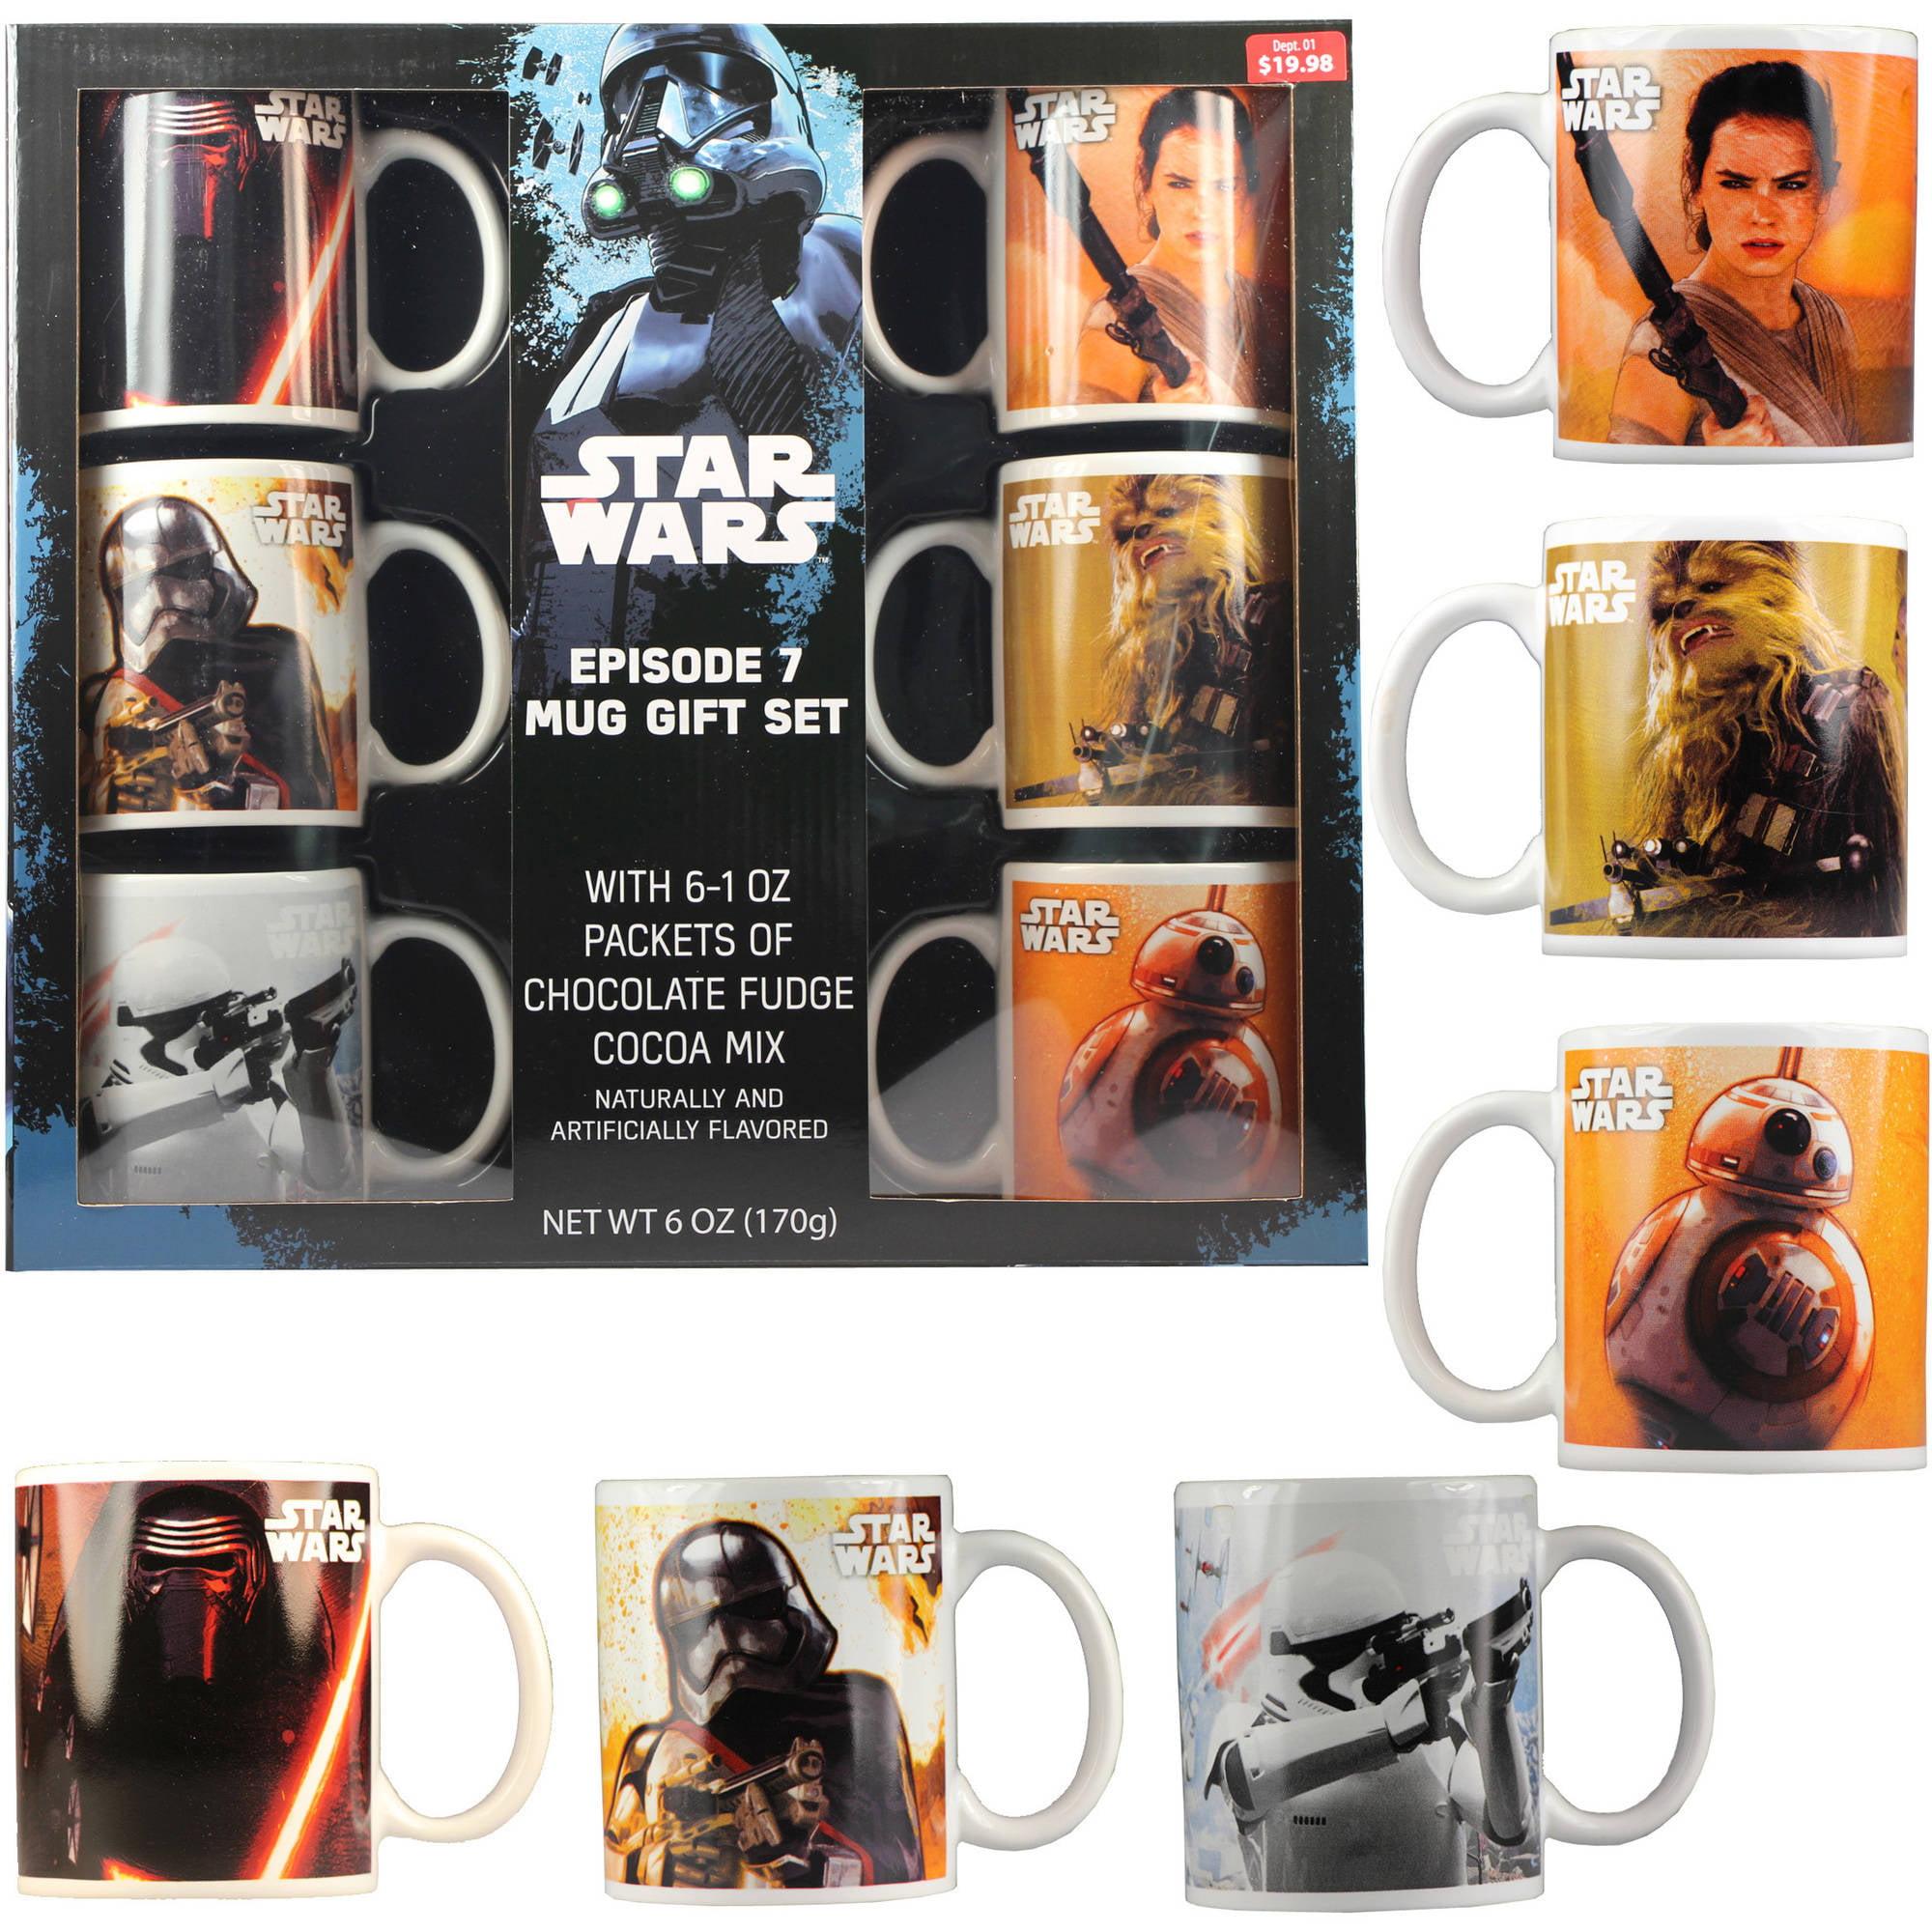 Star Wars Episode 7 Mug Gift Set